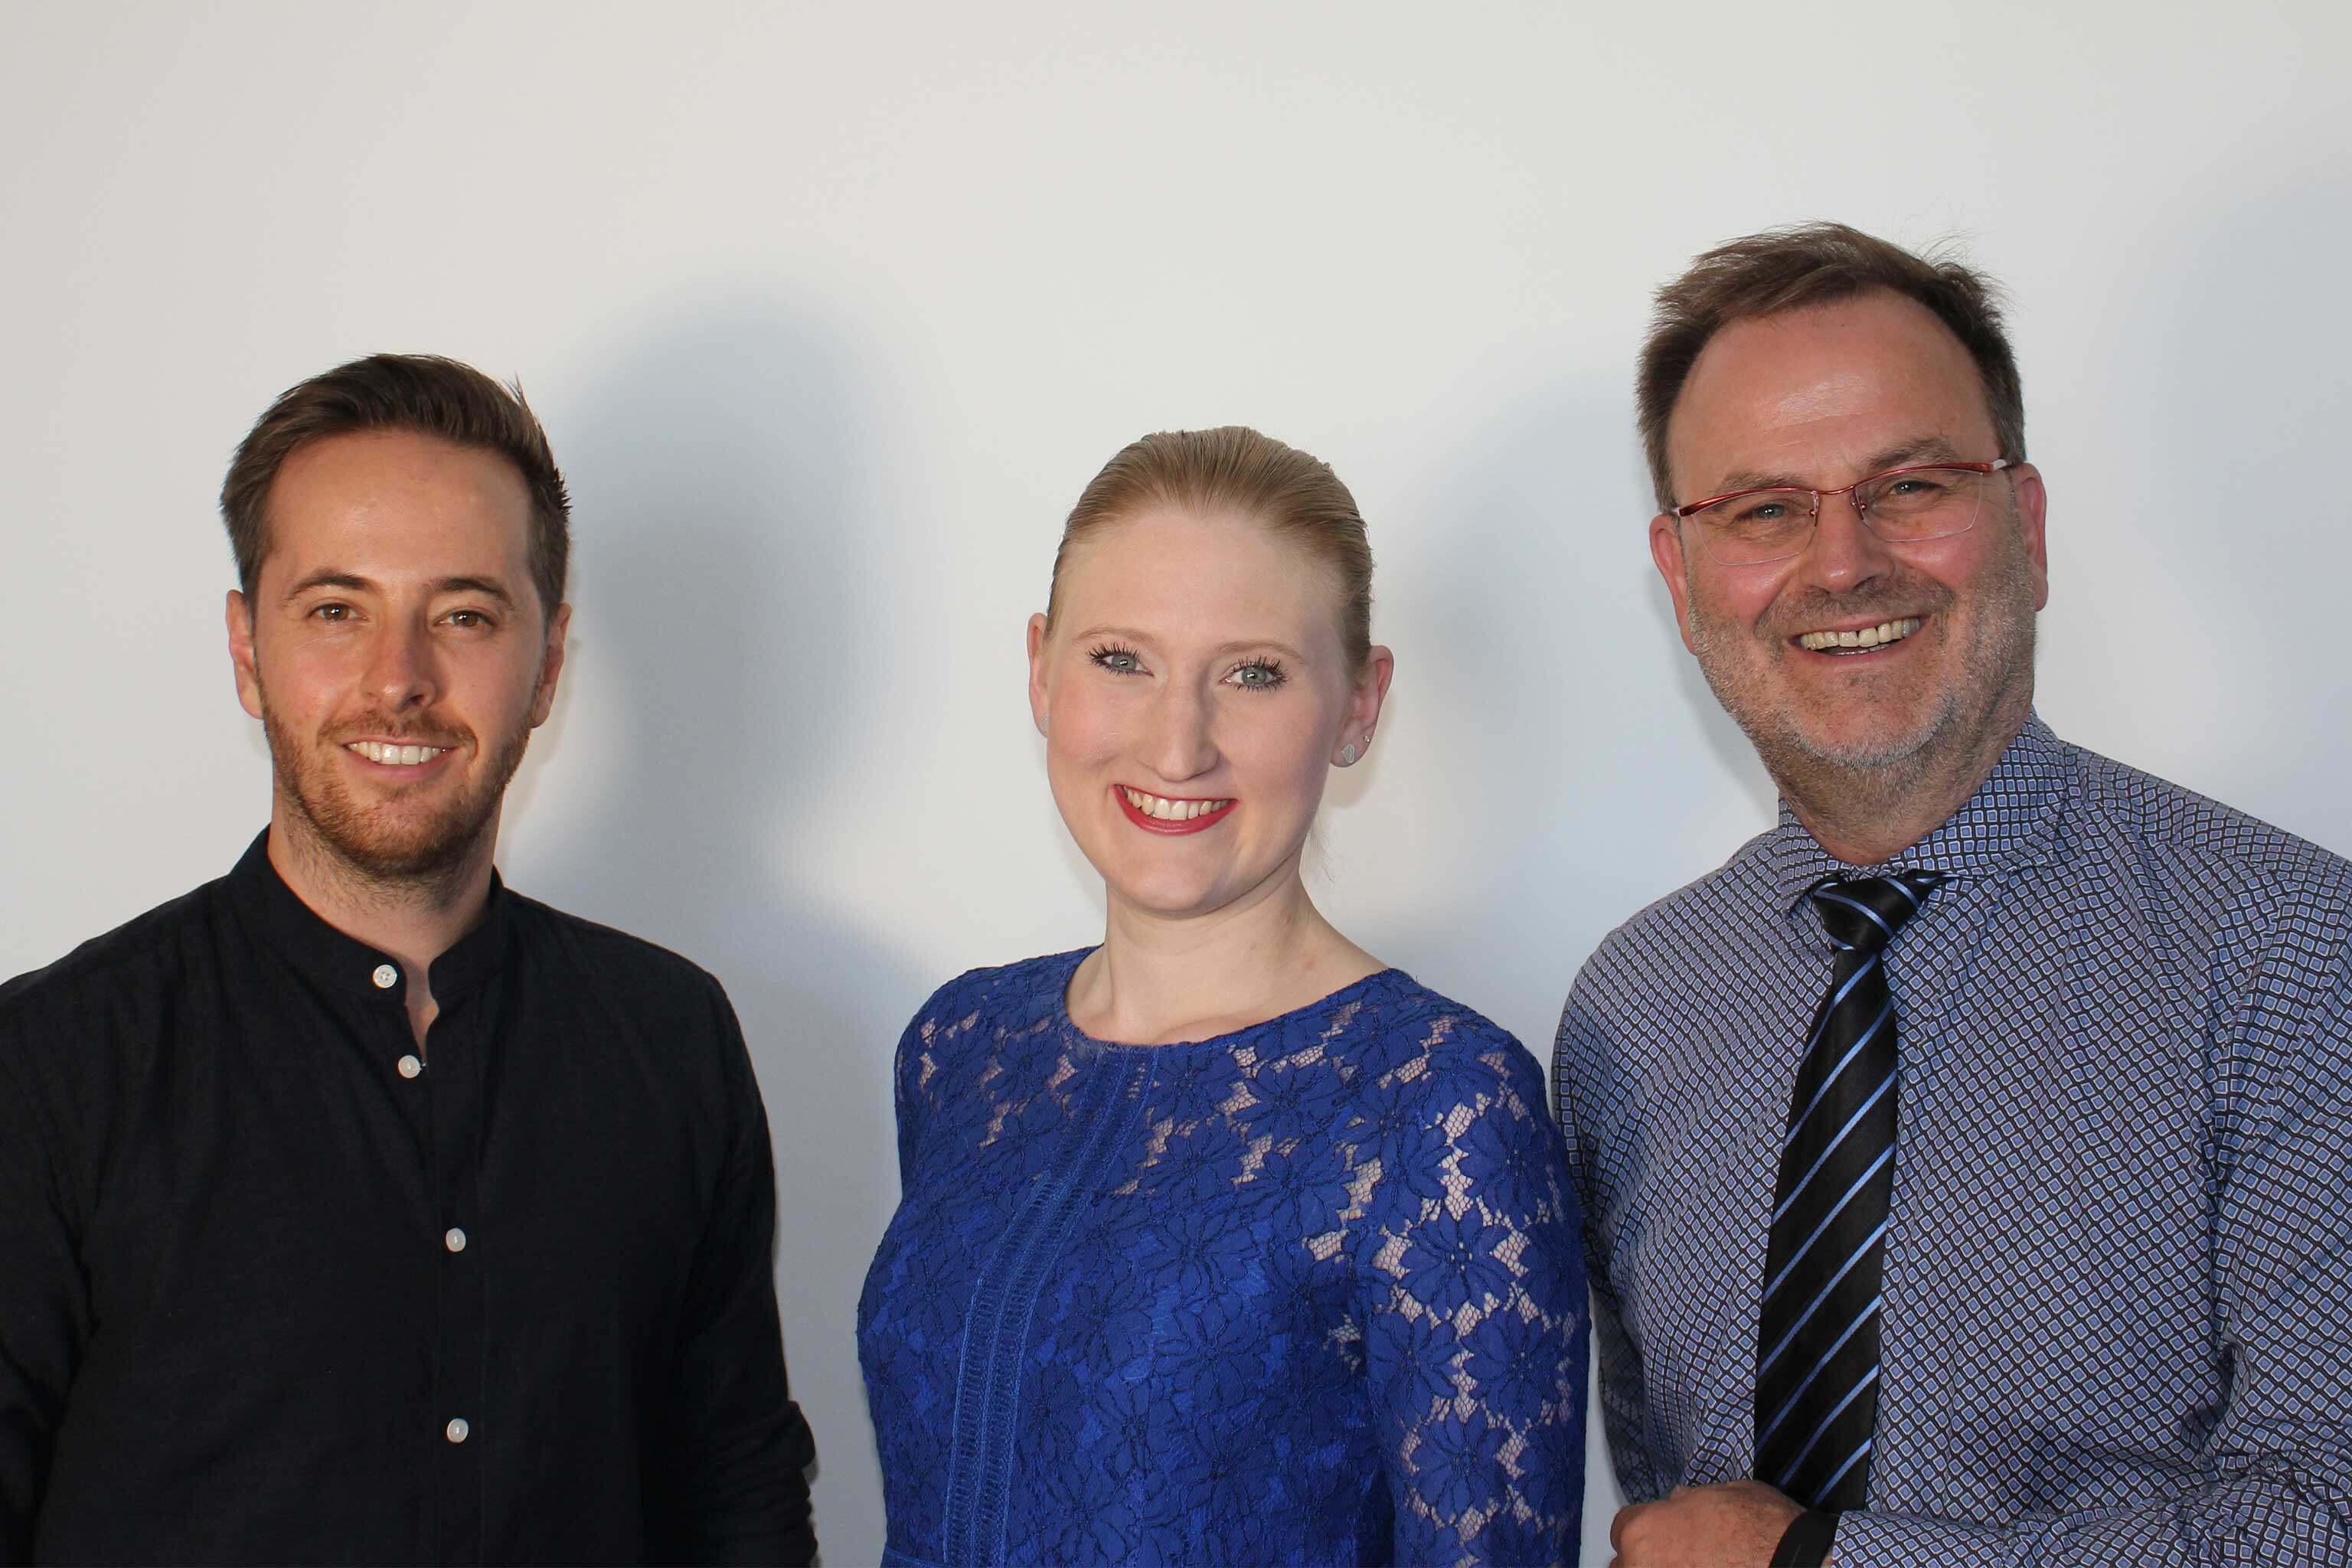 huenemeyer-schaebens-wirtschaftsjunioren-familienunternehmen-nachfolge-kosmetik-gescihtspflege